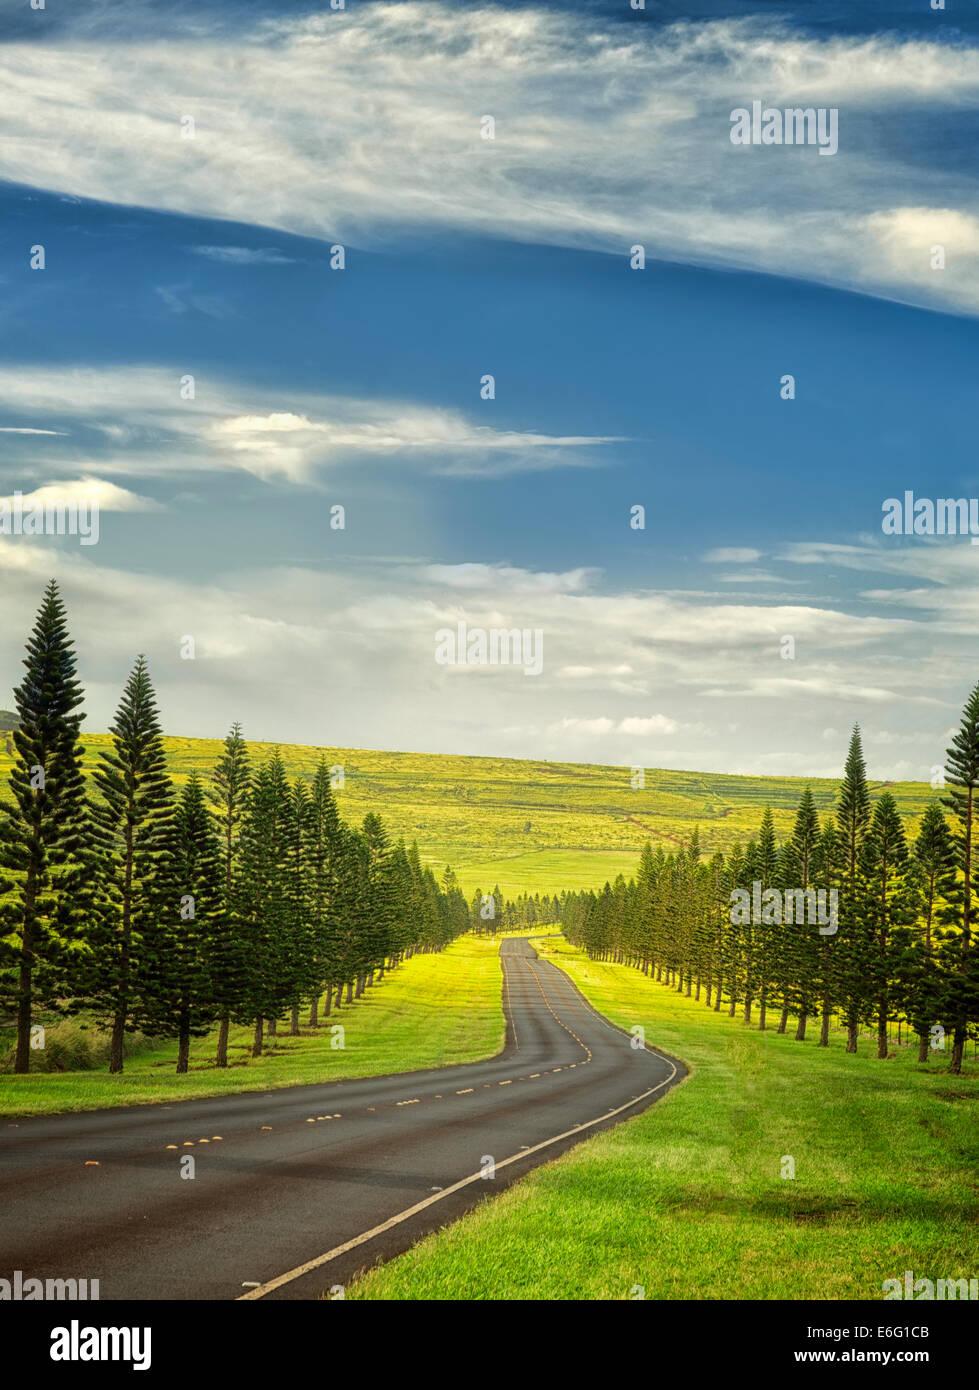 Route principale sur Lanai bordée de pins de l'Île Cook. Lanai, Hawaii Photo Stock